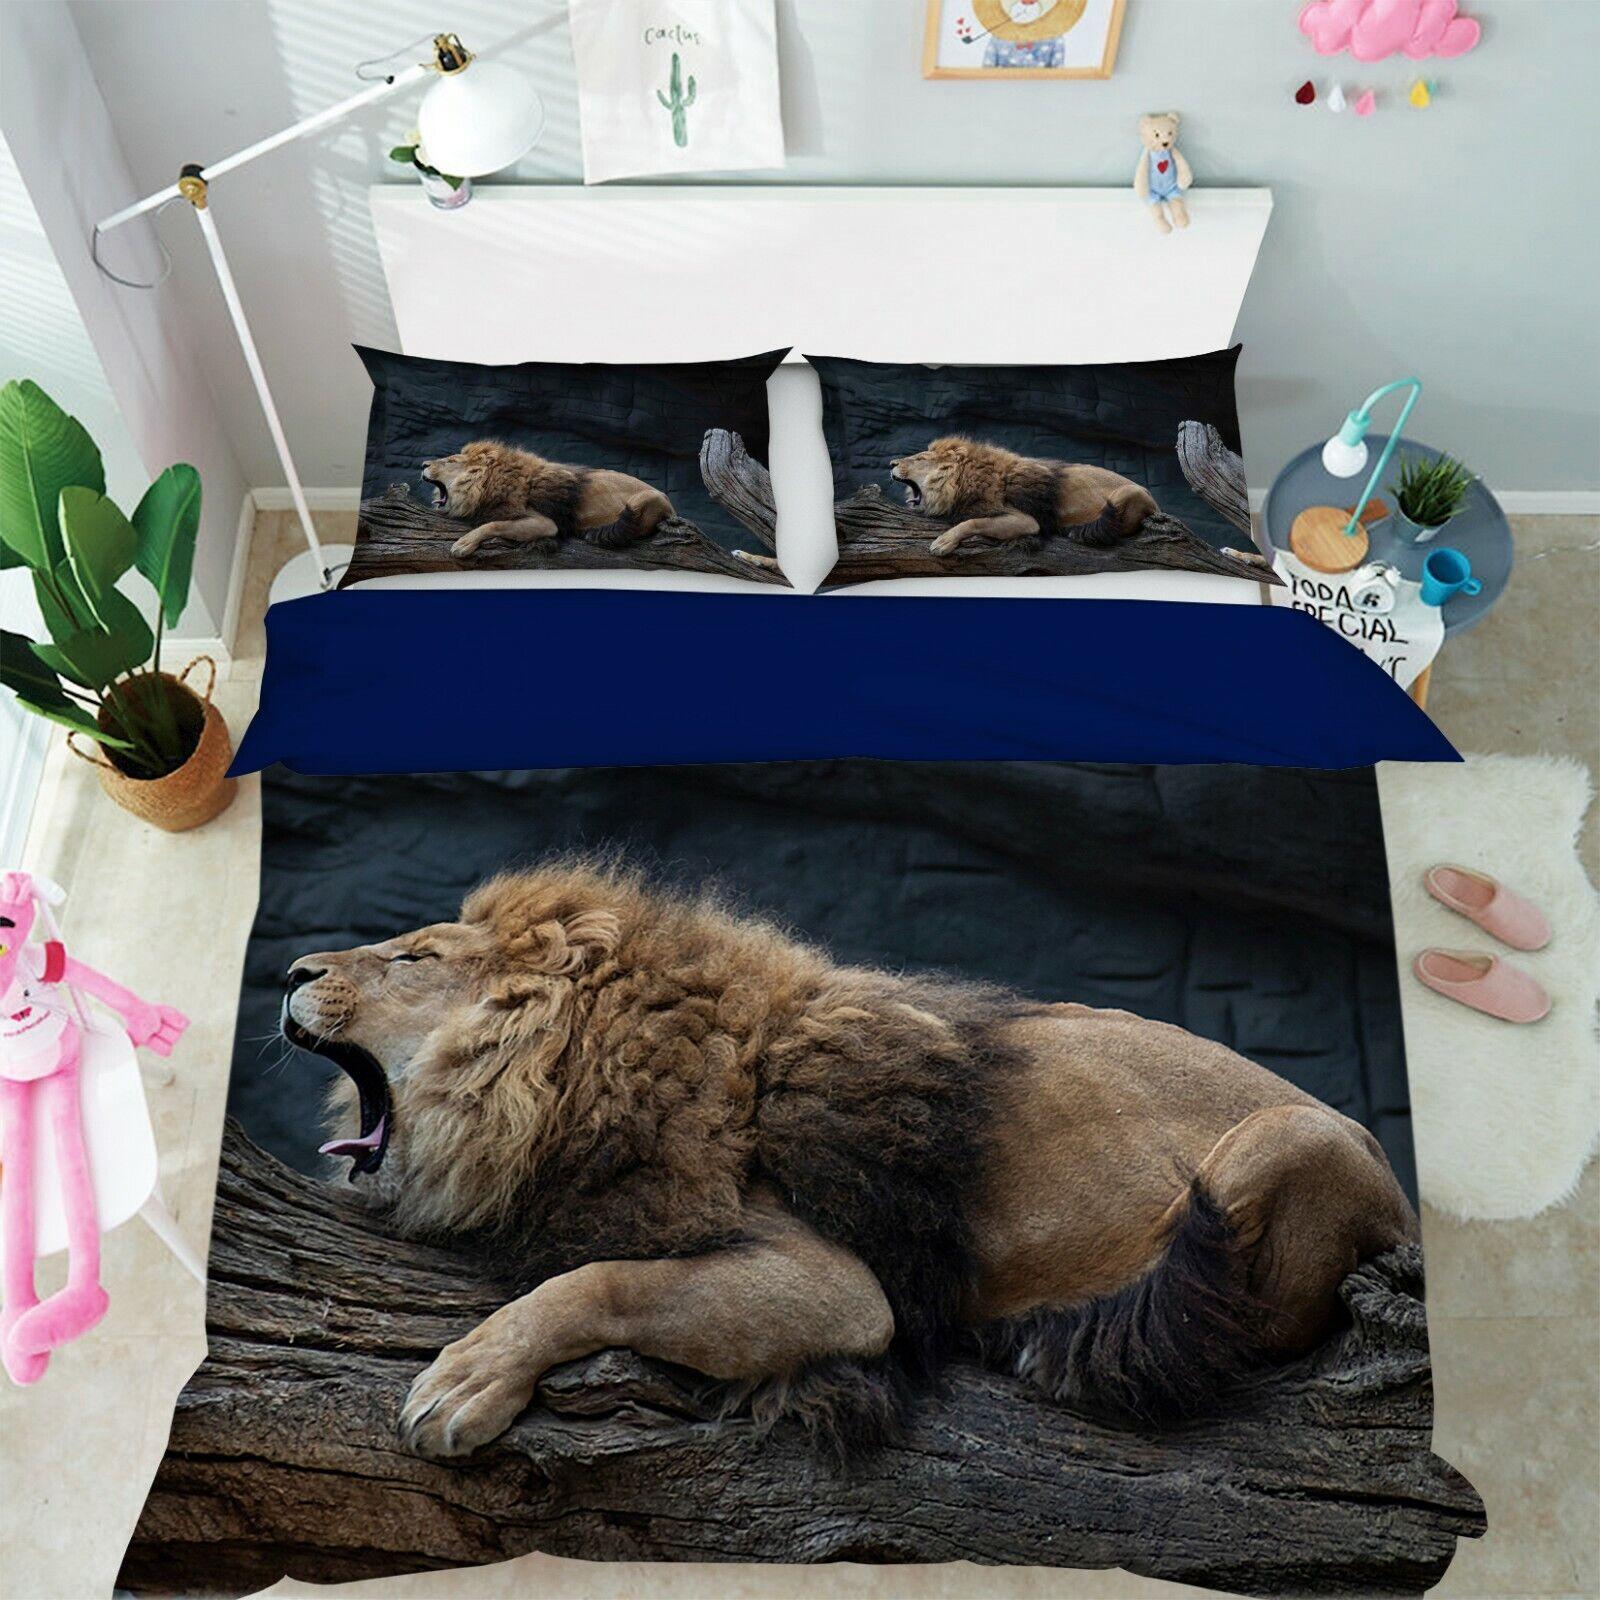 3d Lion h67 animal lit housses de coussin couverture couverture couverture Set Angelia